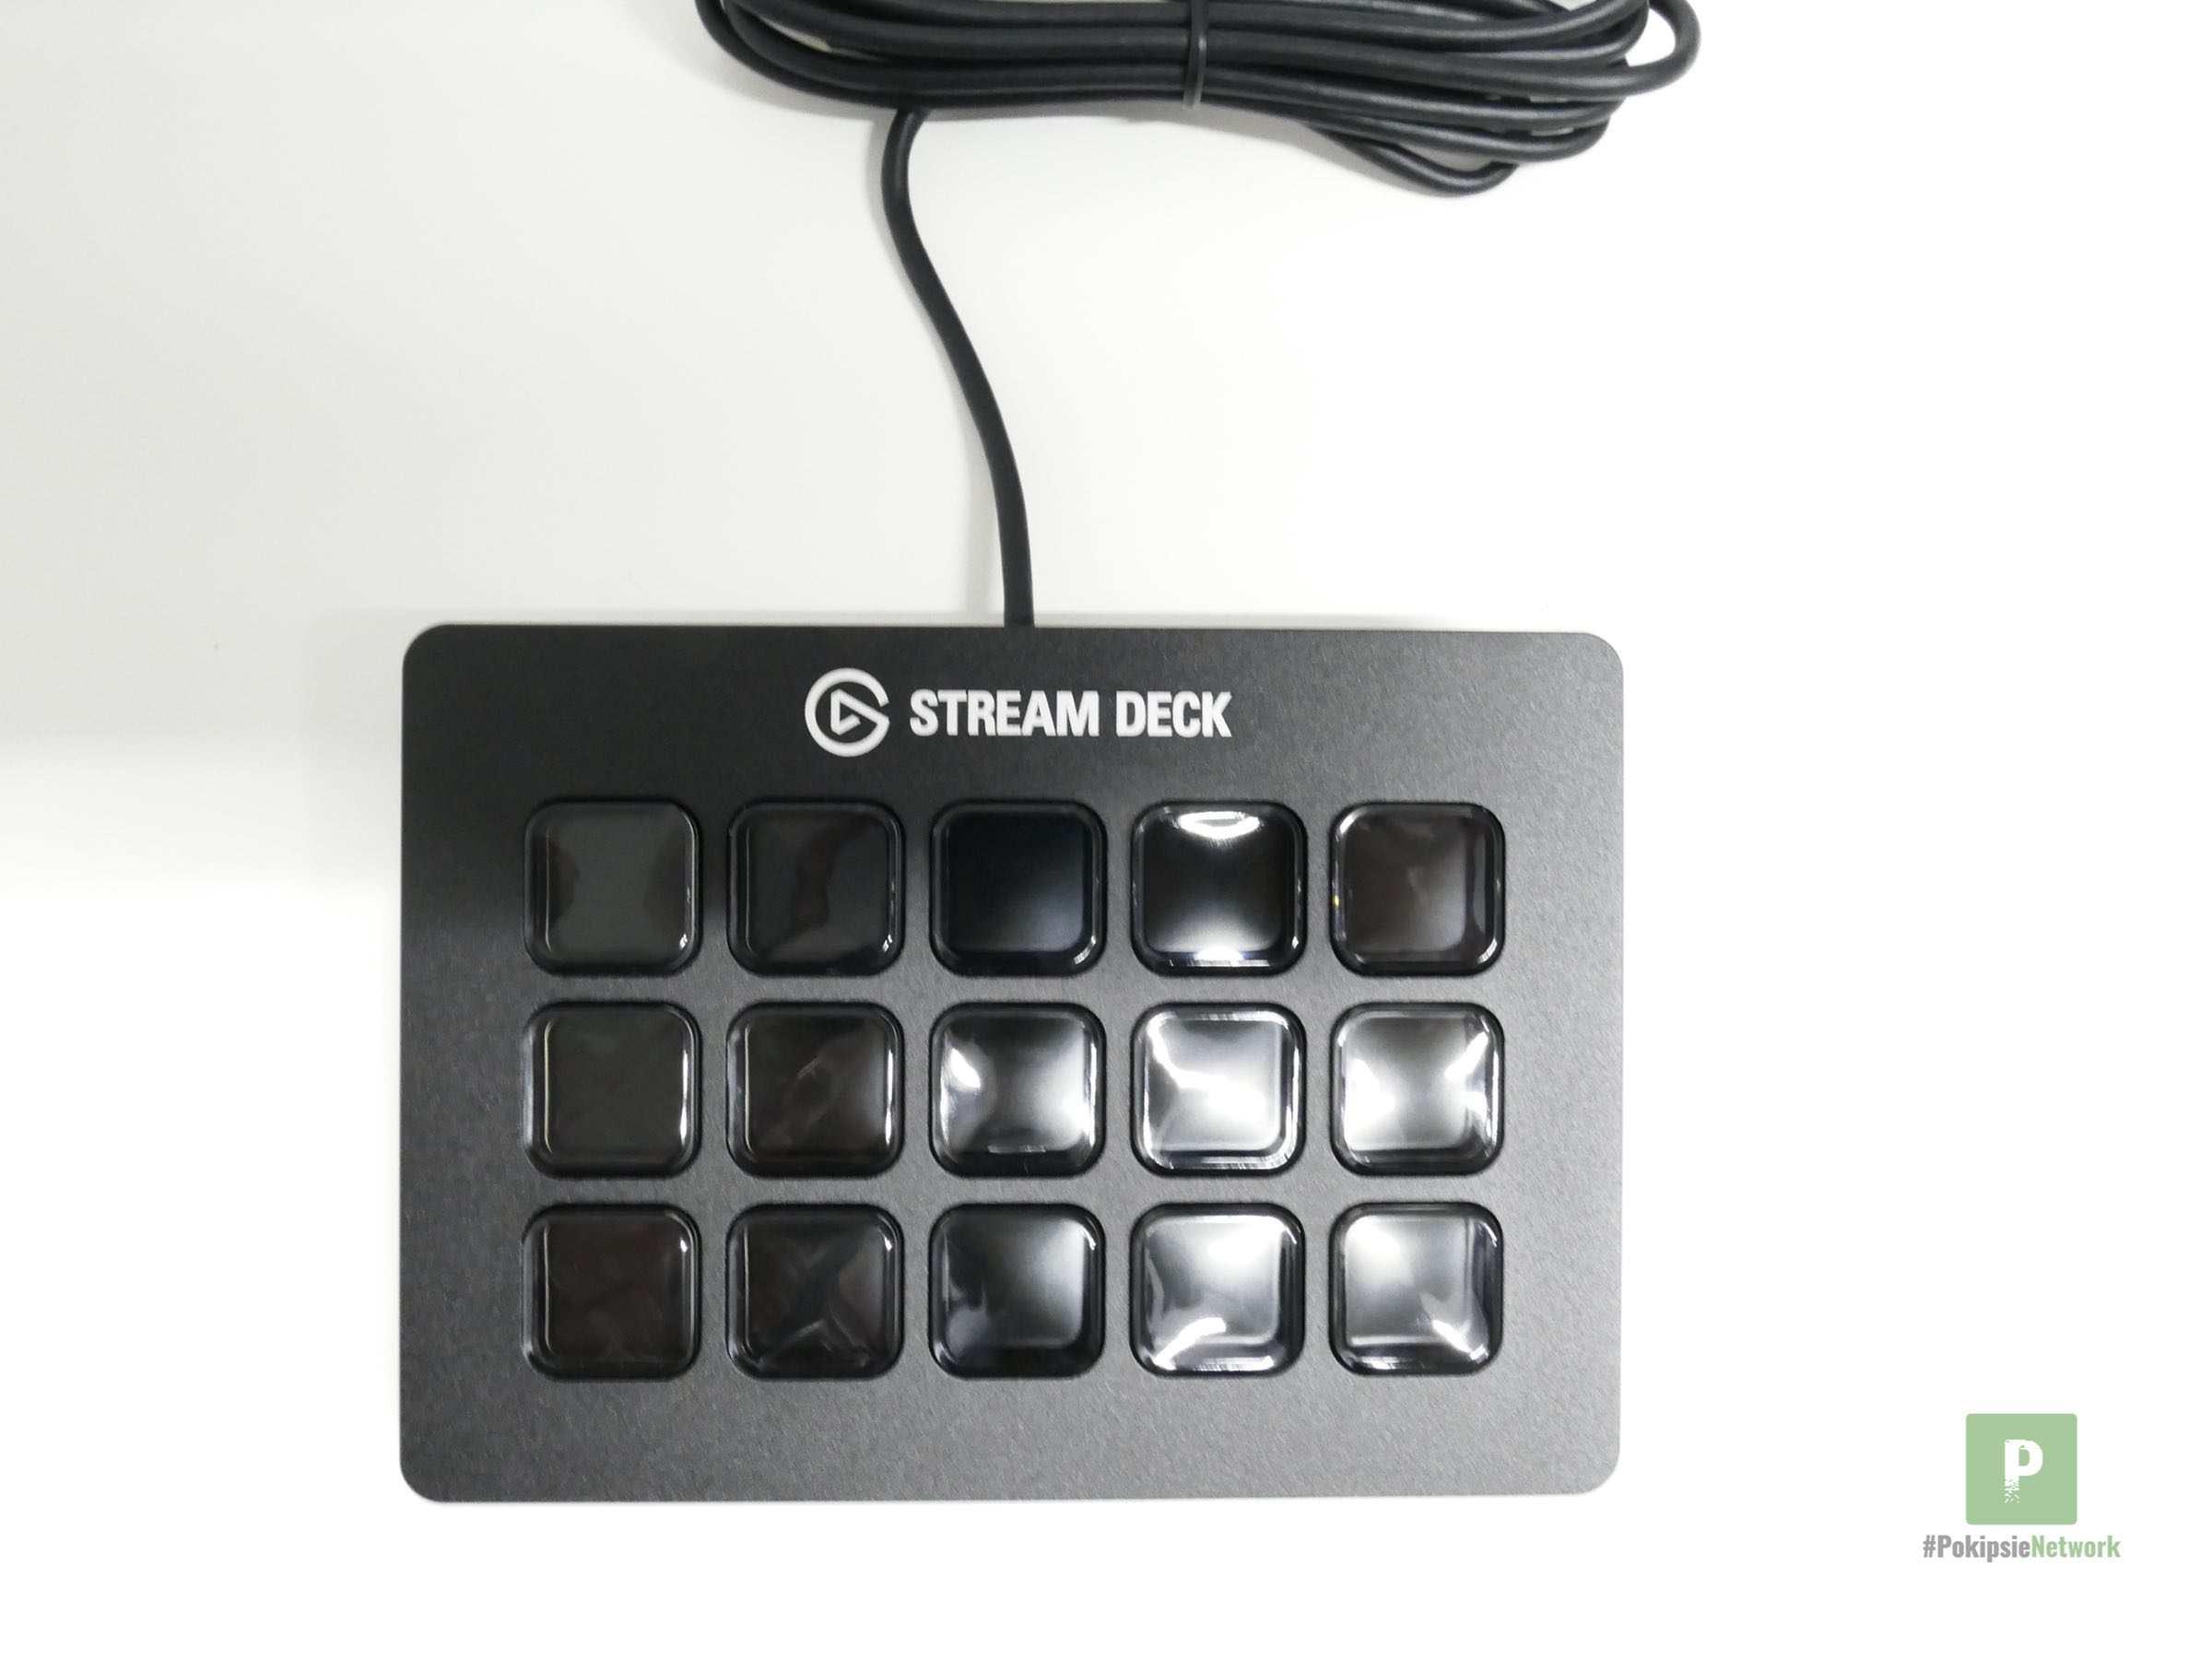 Das Stream Deck mit USB-Kabel